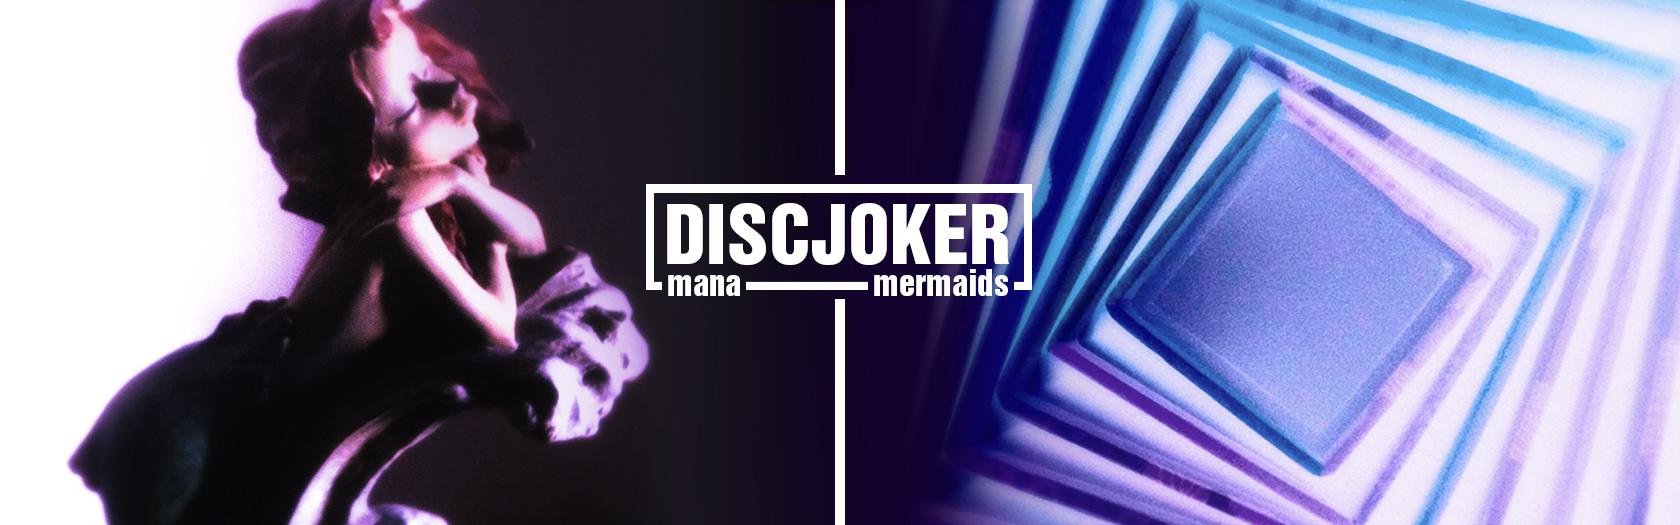 http://www.rekrecords.com/wp-content/uploads/2015/11/cover_manamermaids.jpg